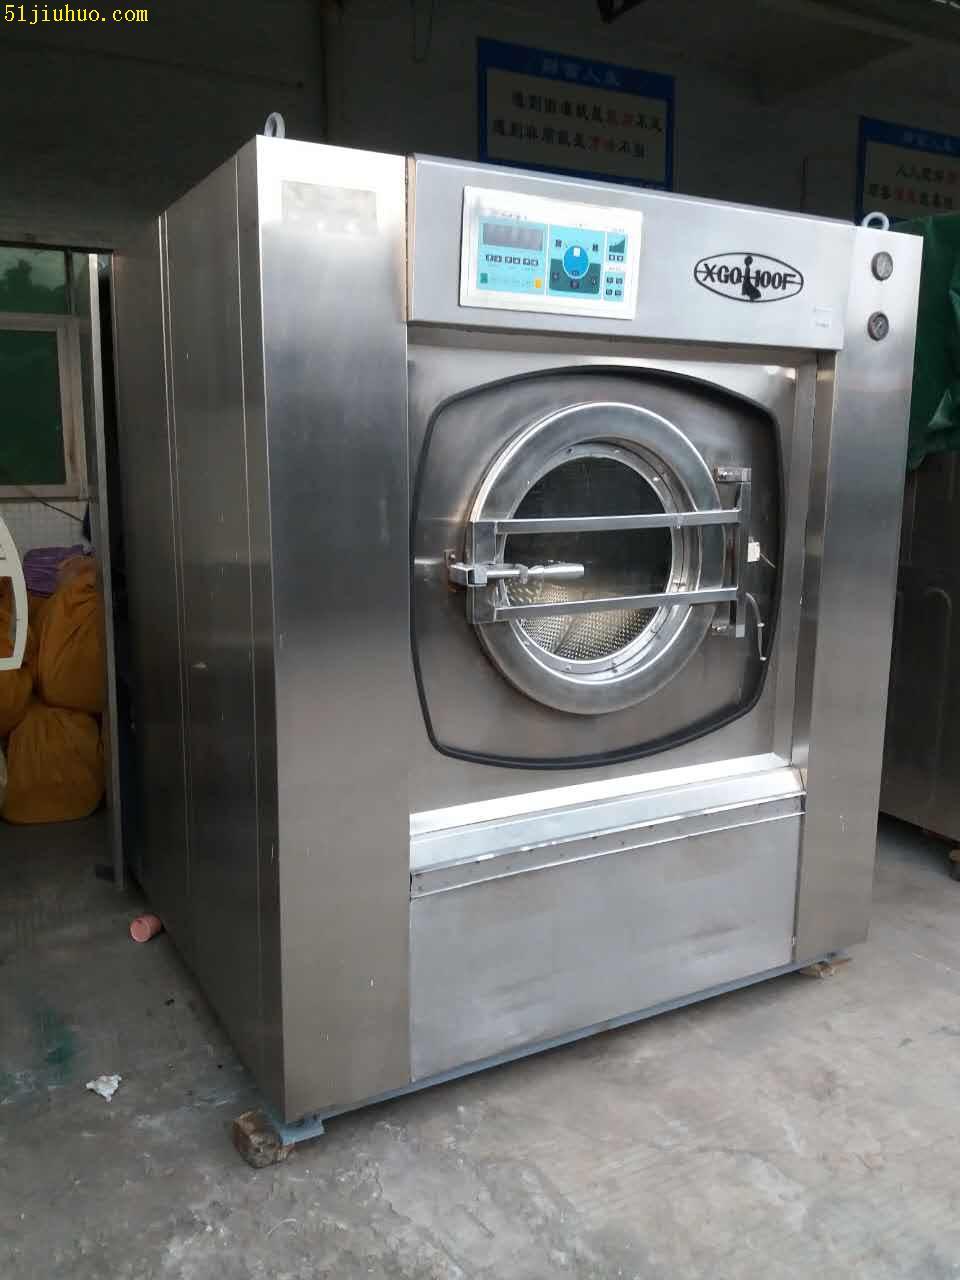 北海出售二手洗涤设备 洗衣机 烘干机等